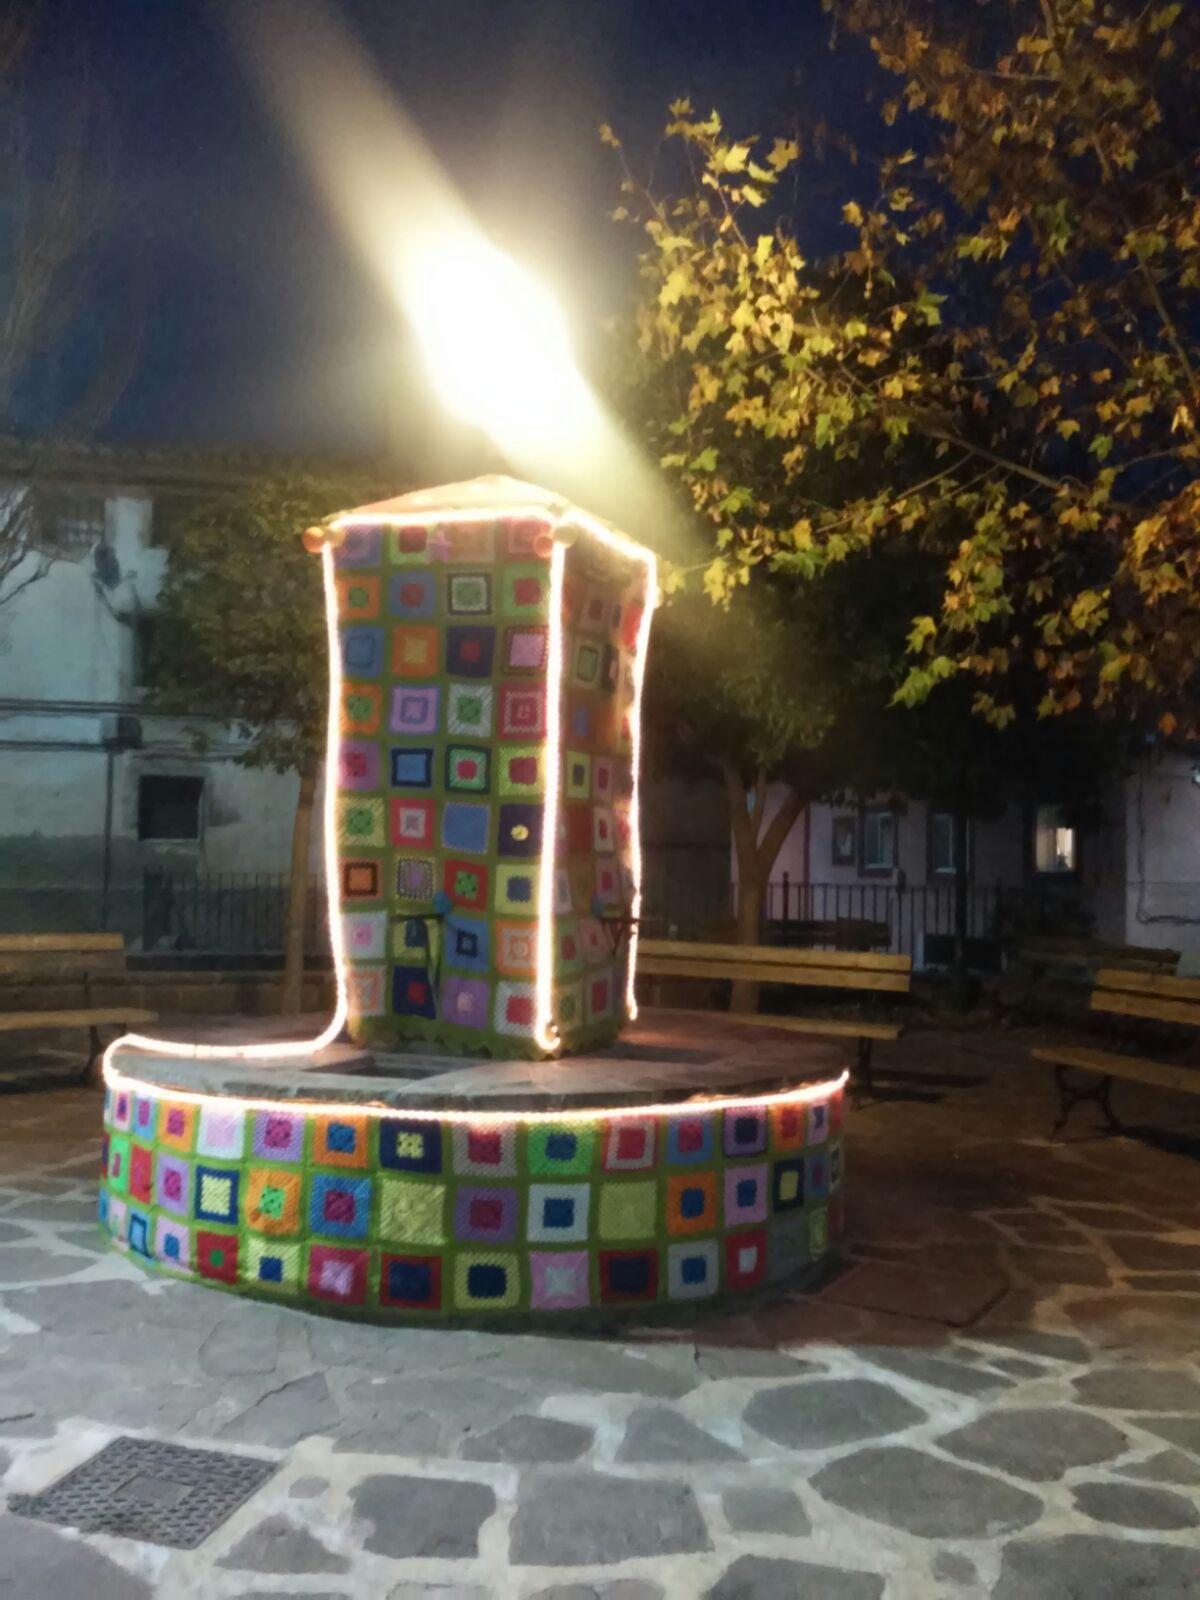 Centro de estudios borjanos m s informaci n sobre la for Decoracion luminosa navidena